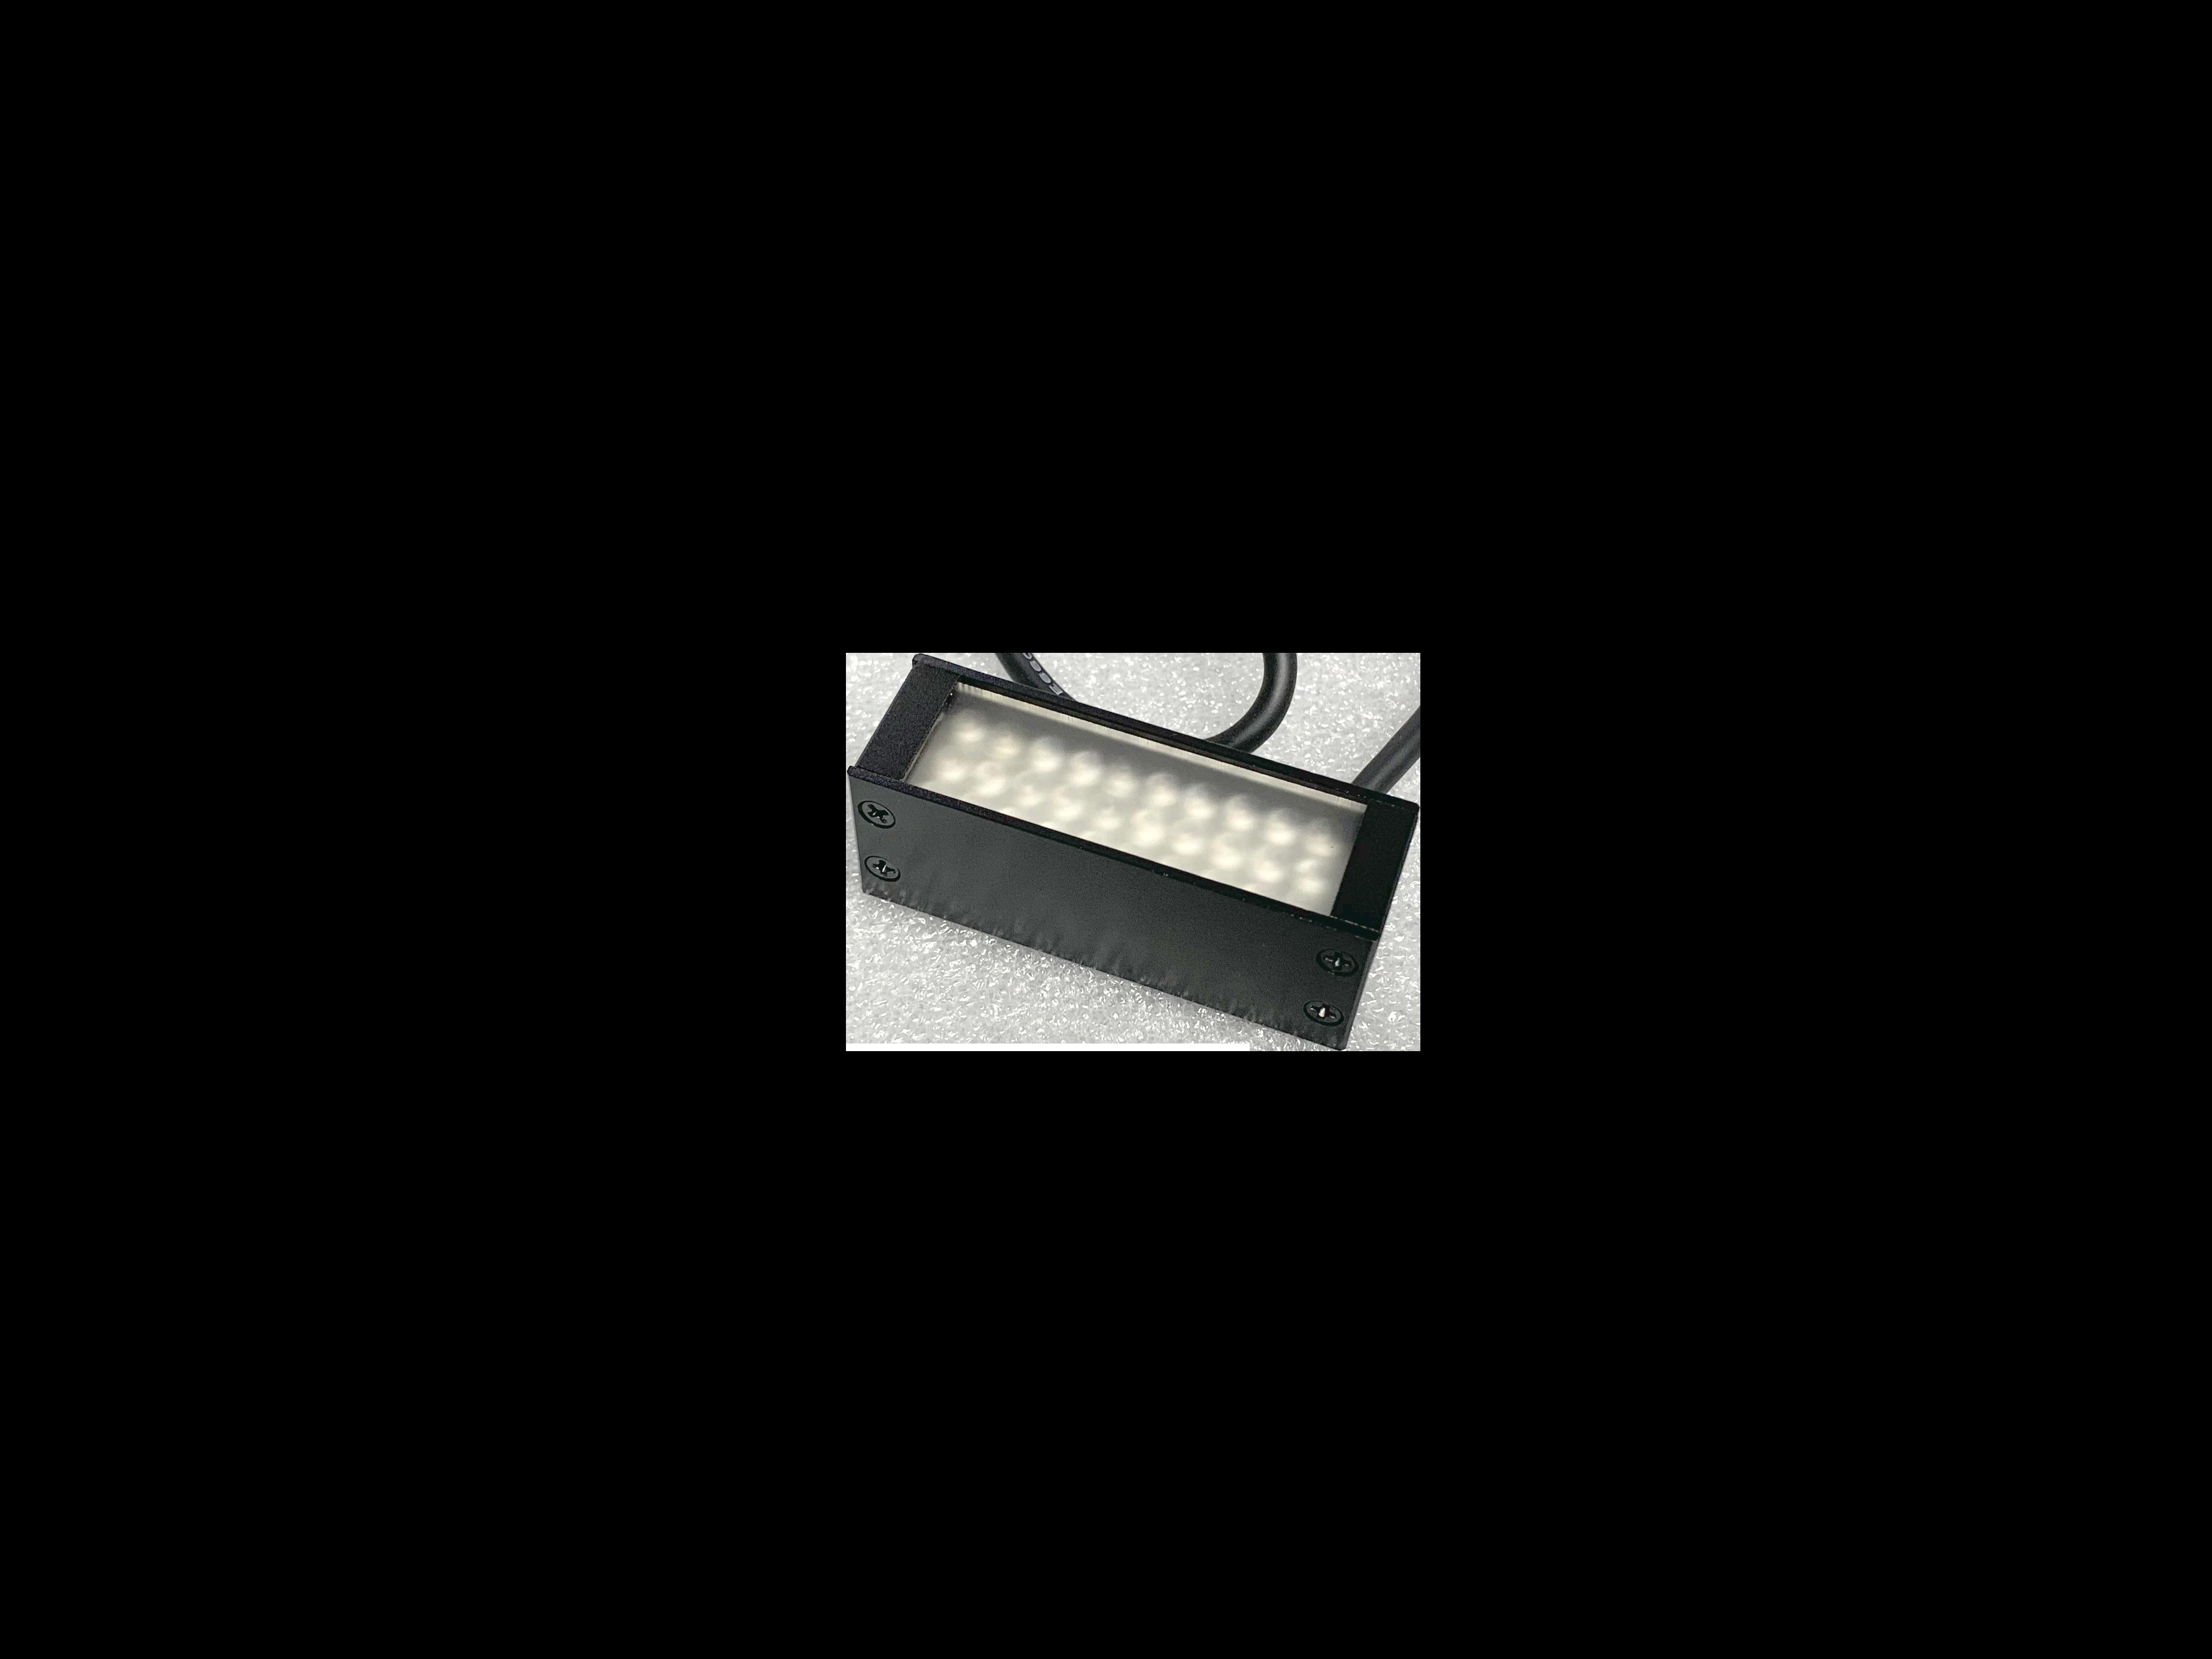 条形光源BL5217-W